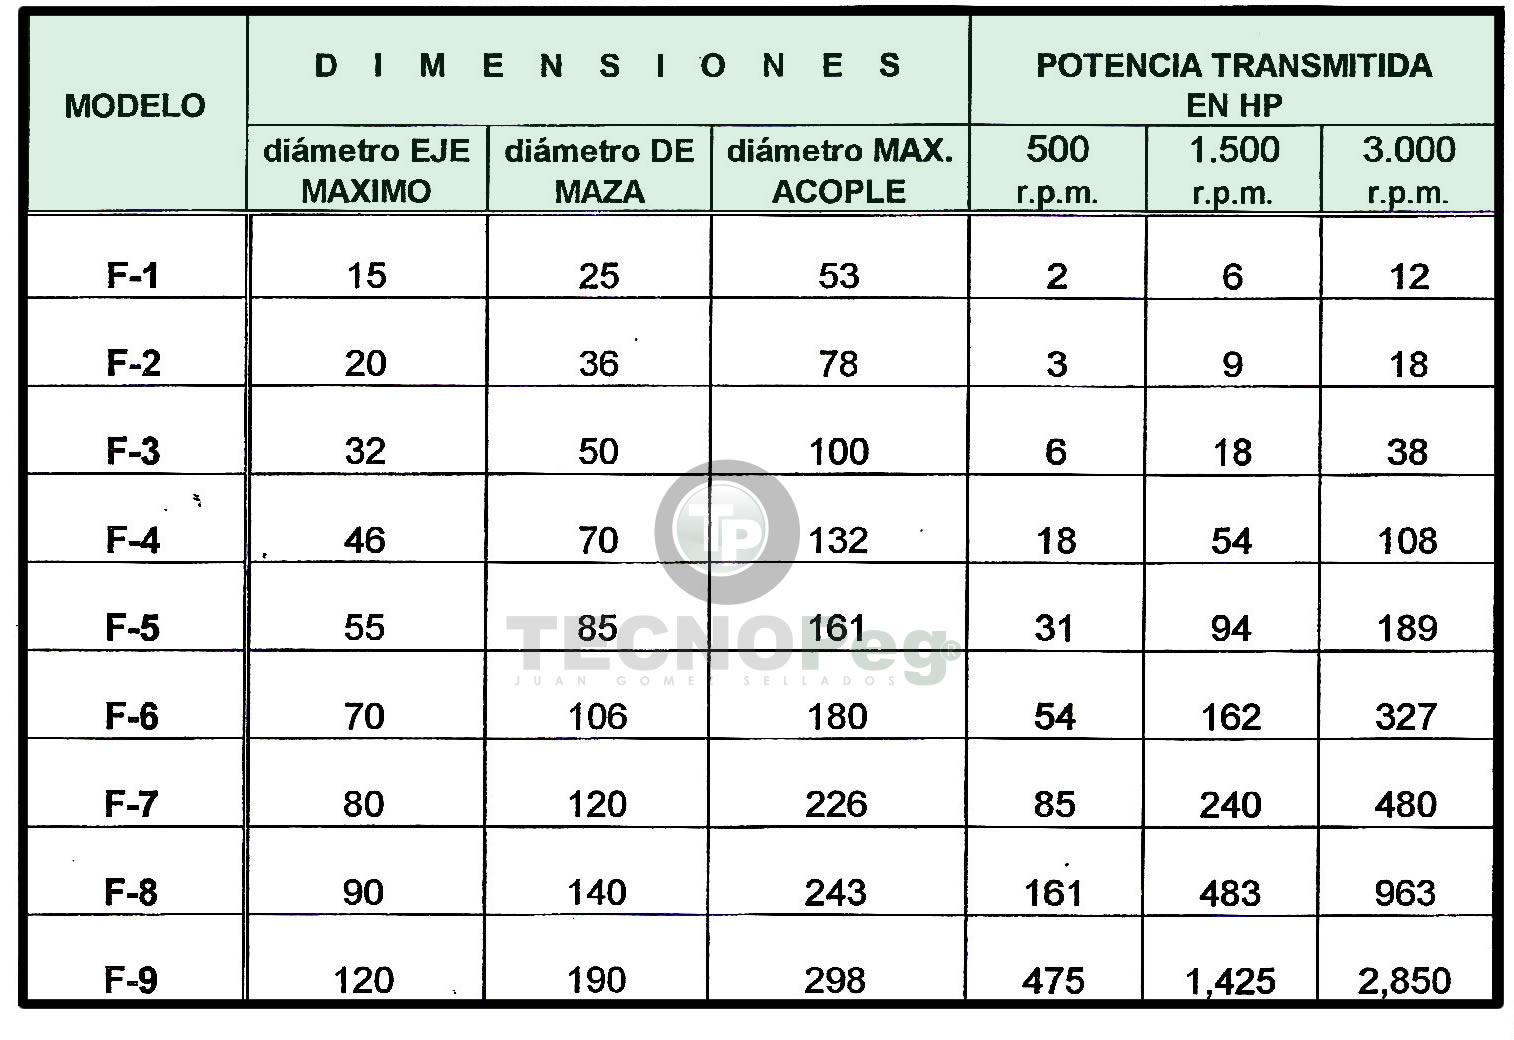 """Acoplamientos Serie """"F"""" Modelos"""